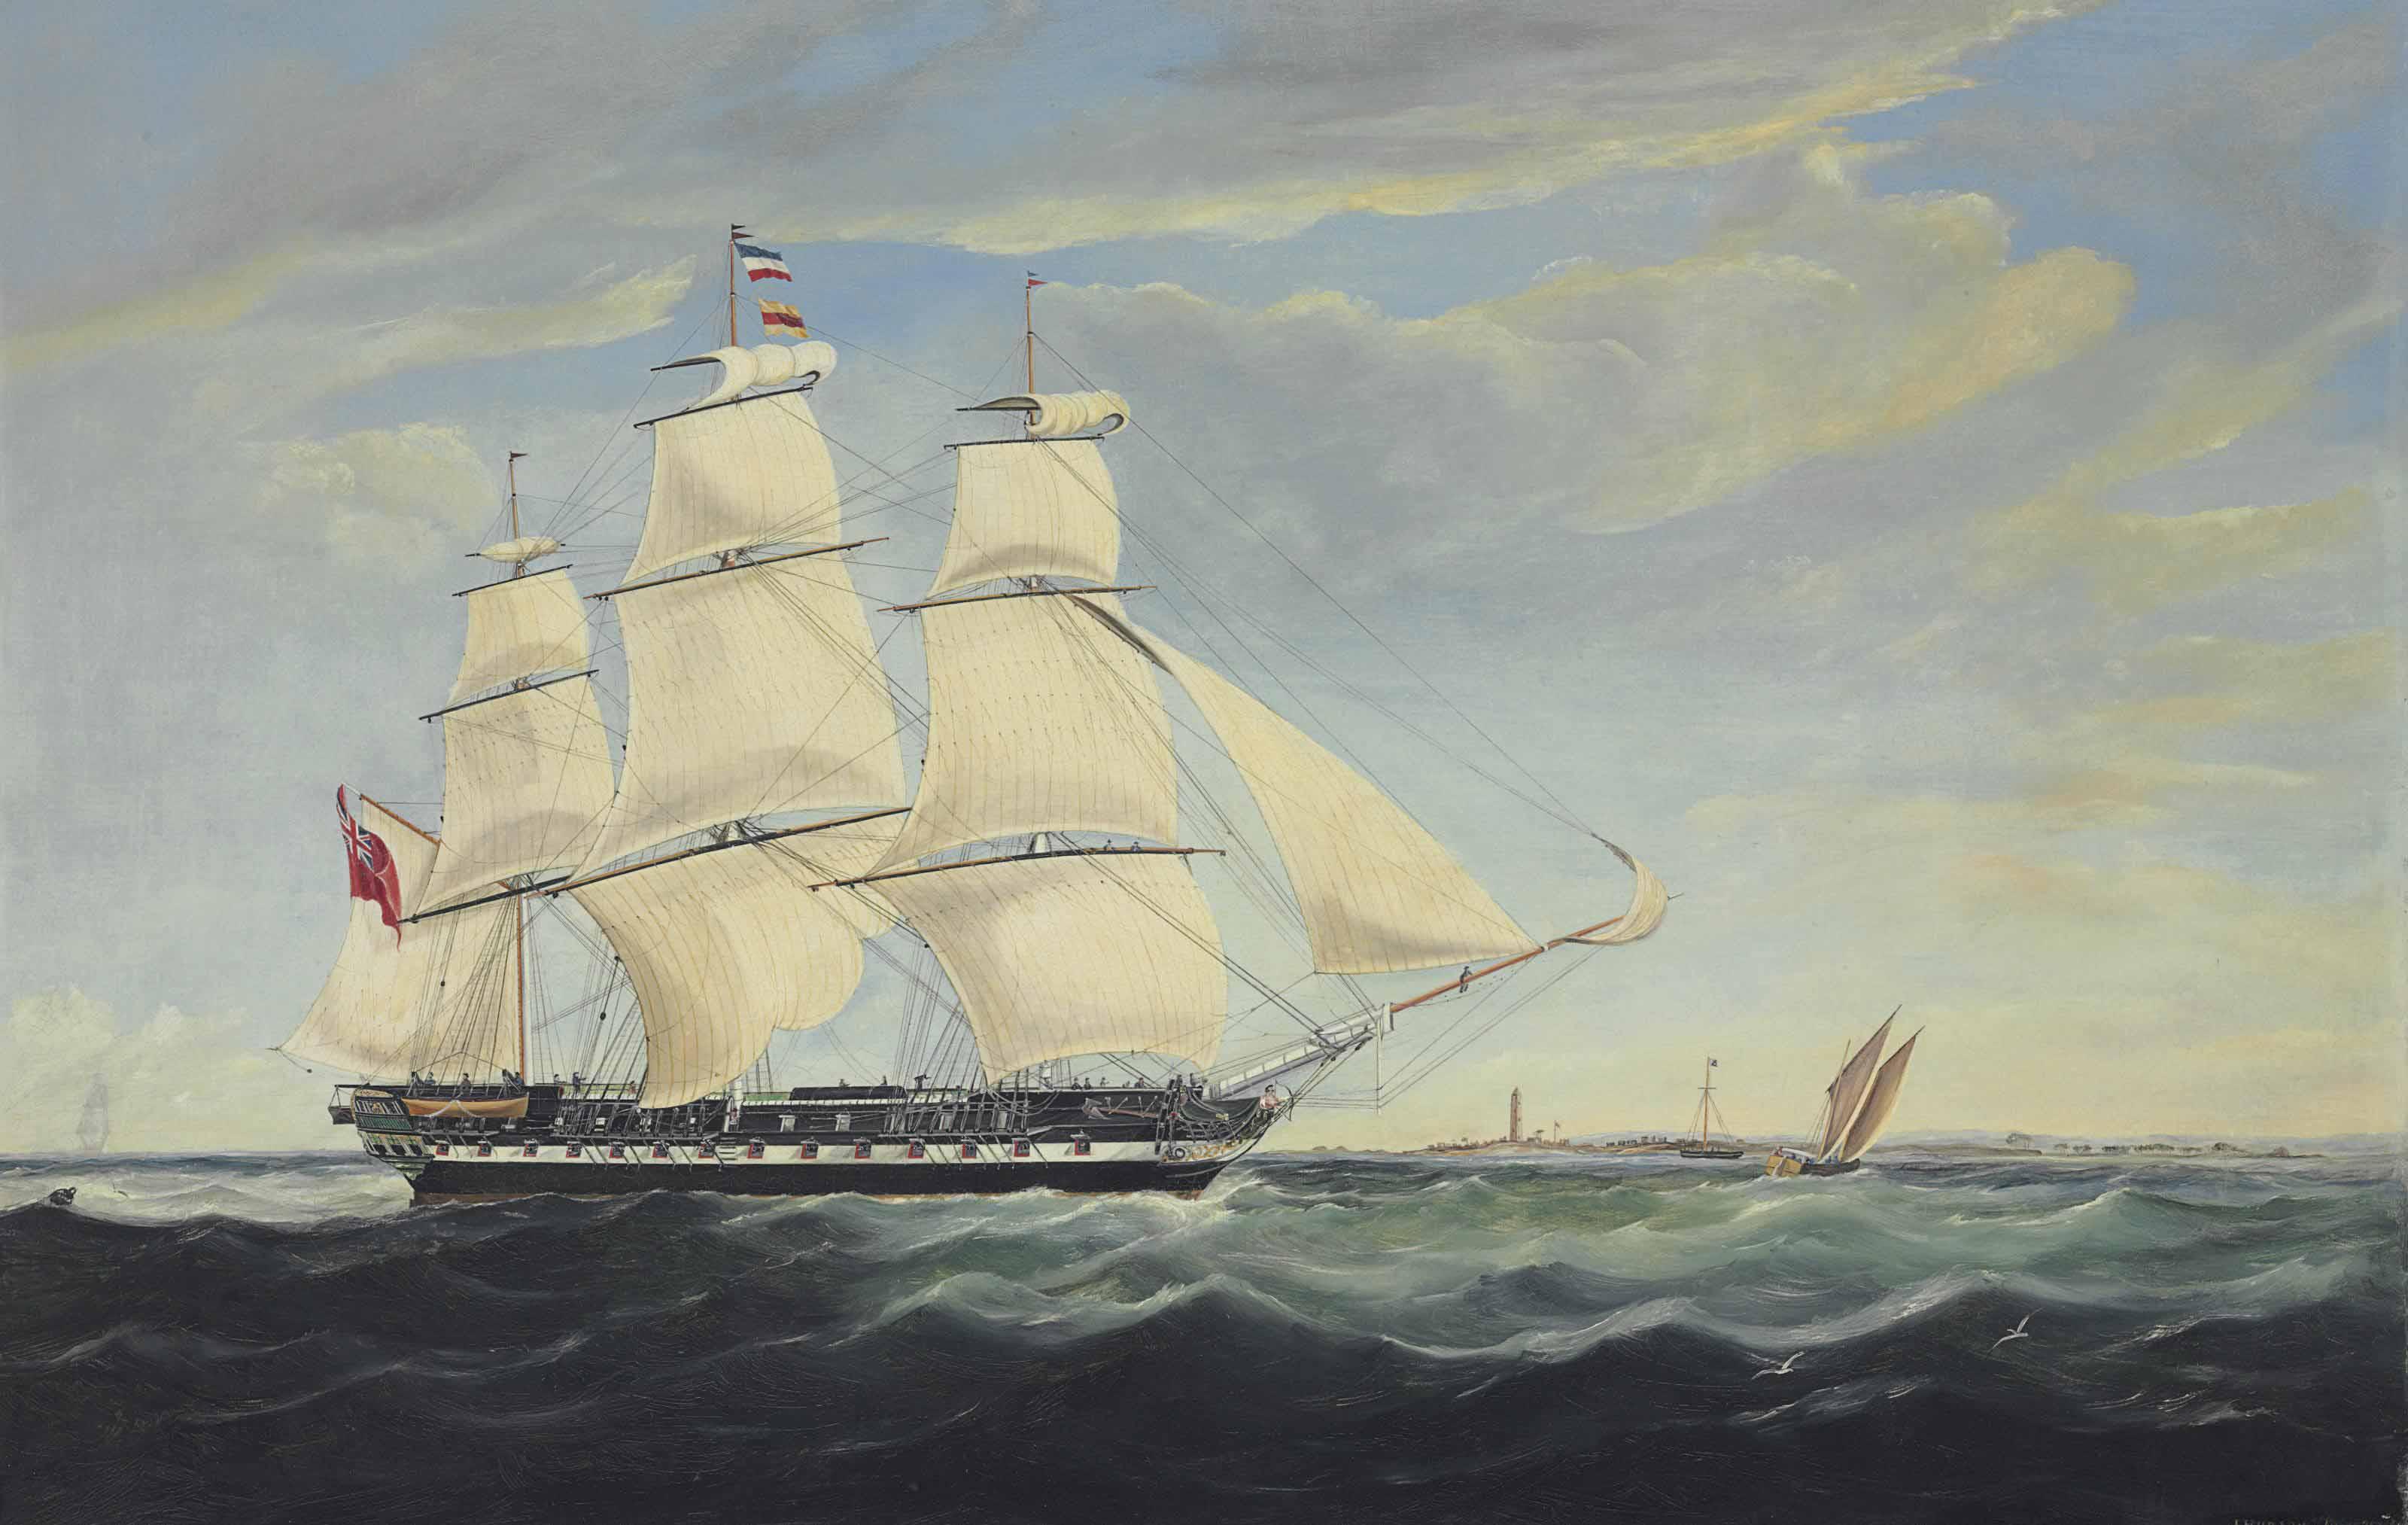 J. Hudson, 19th Century